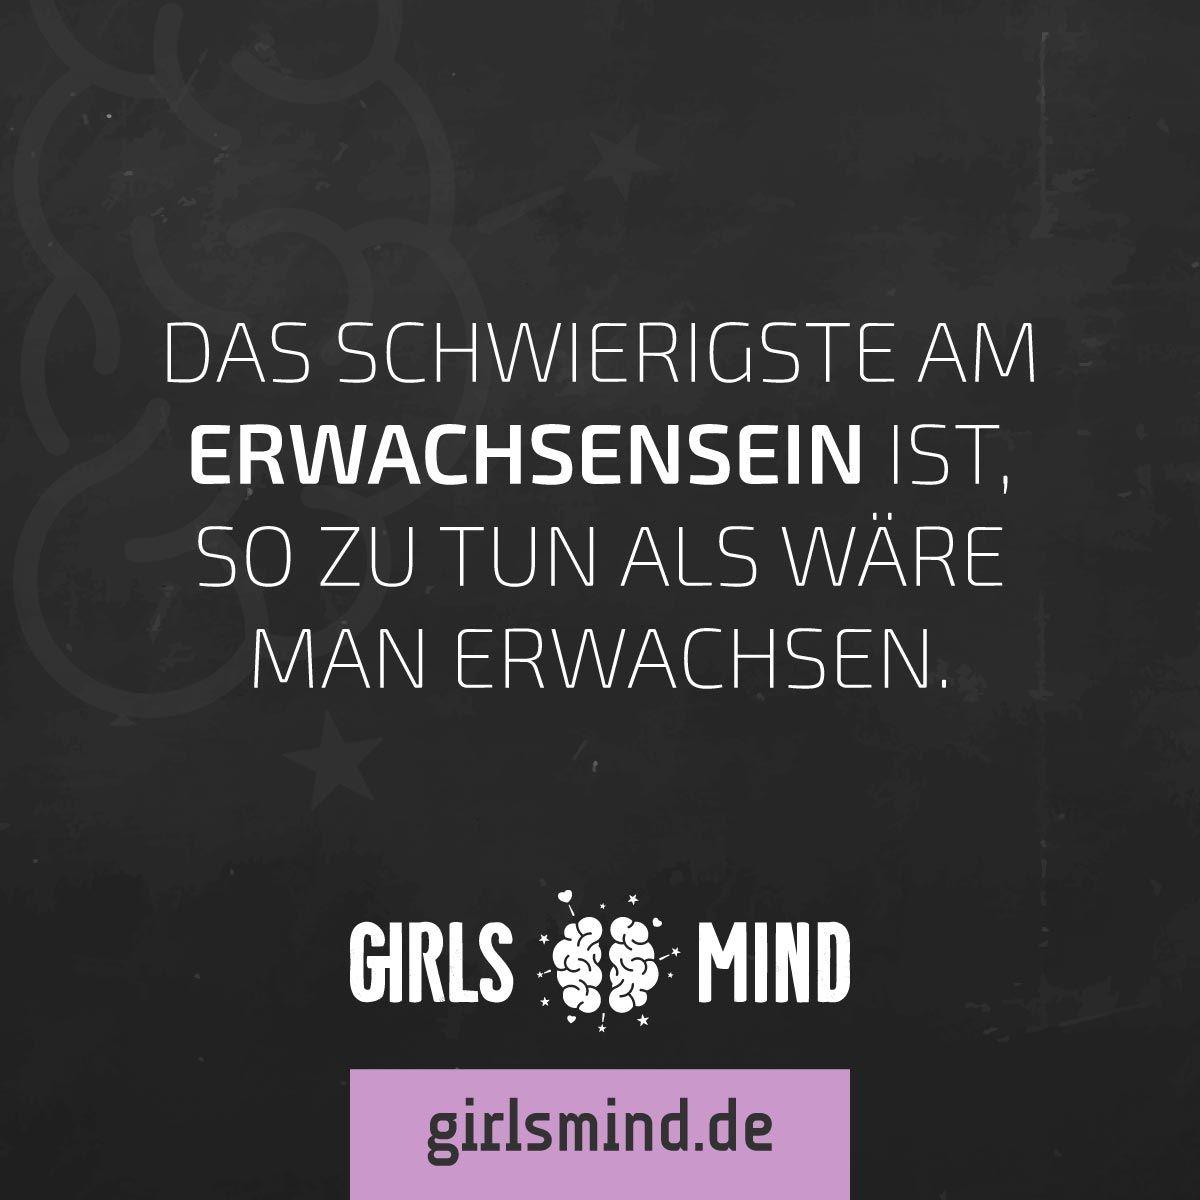 Mehr Sprüche auf: .girlsmind.de #erwachsen #erwachsensein #kind